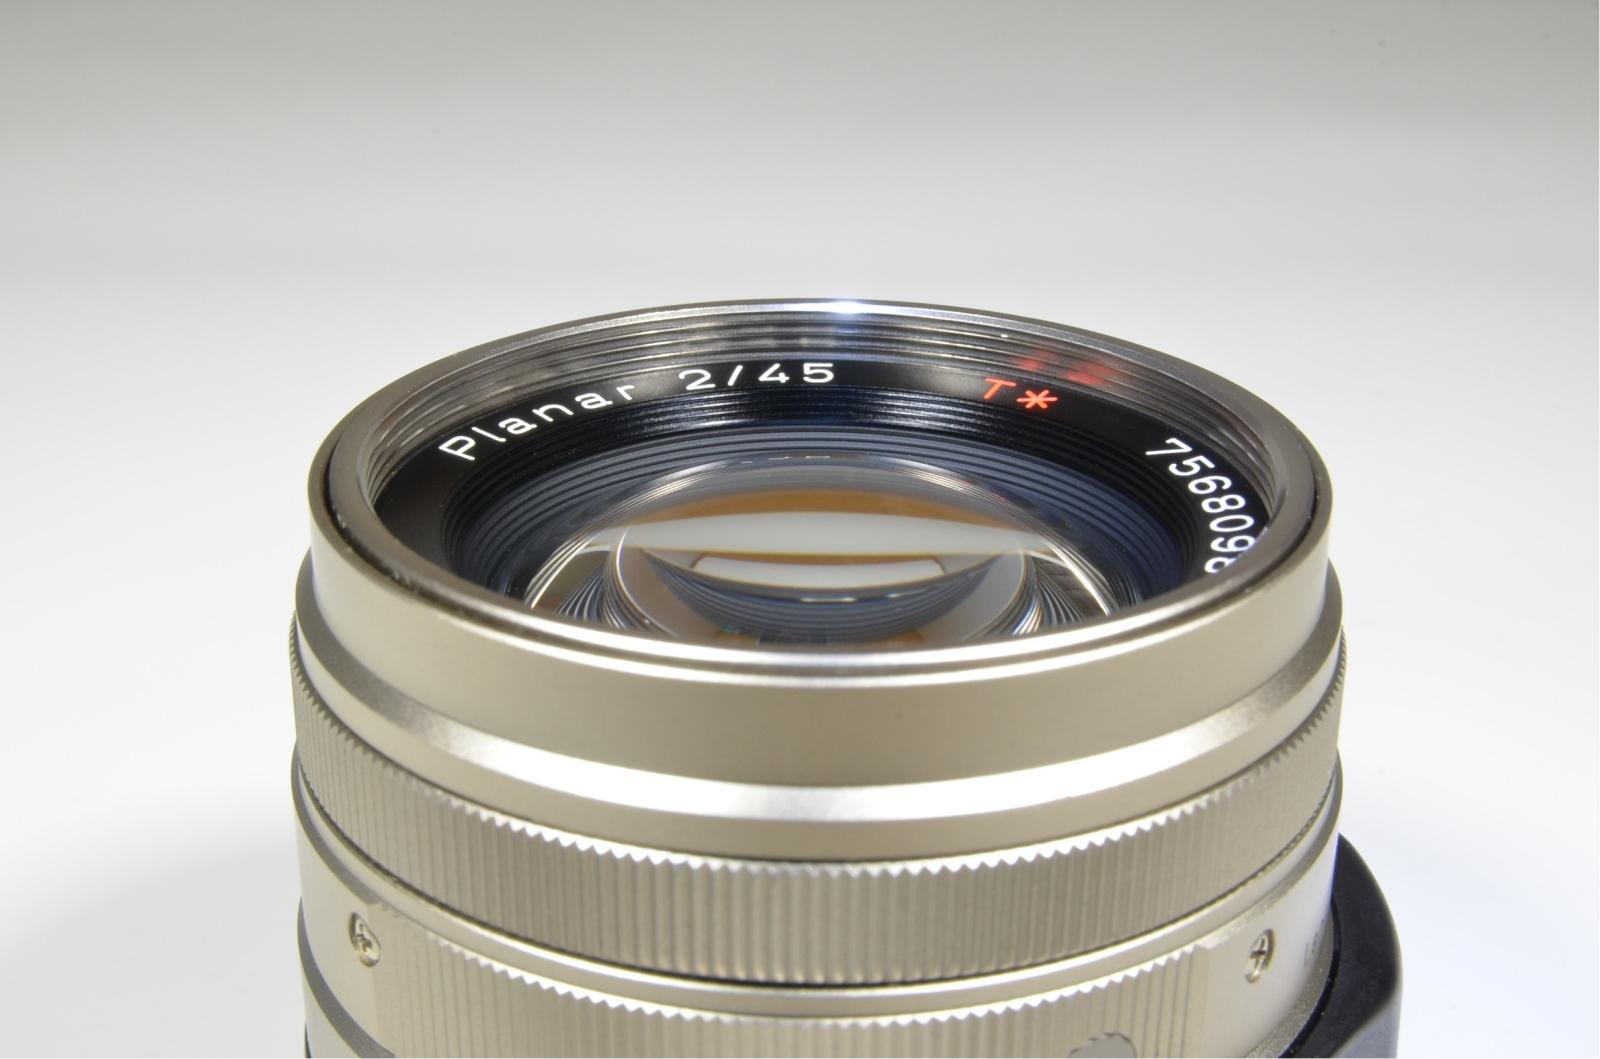 contax carl zeiss planar t* 45mm f2